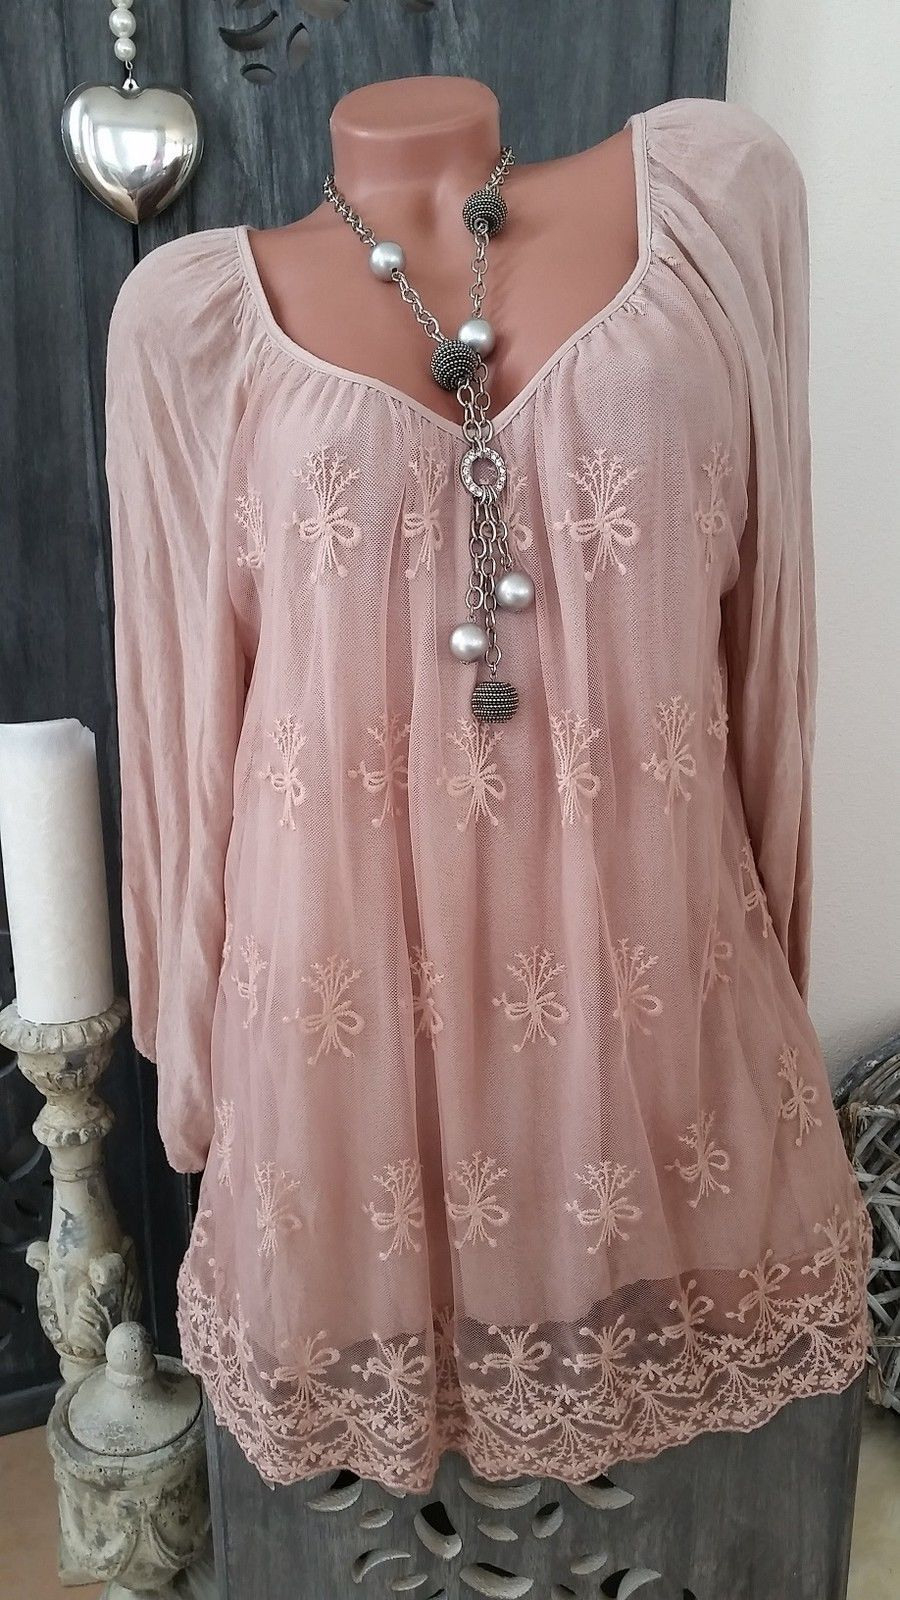 13 Erstaunlich Kleid 46 Bester Preis20 Wunderbar Kleid 46 Bester Preis